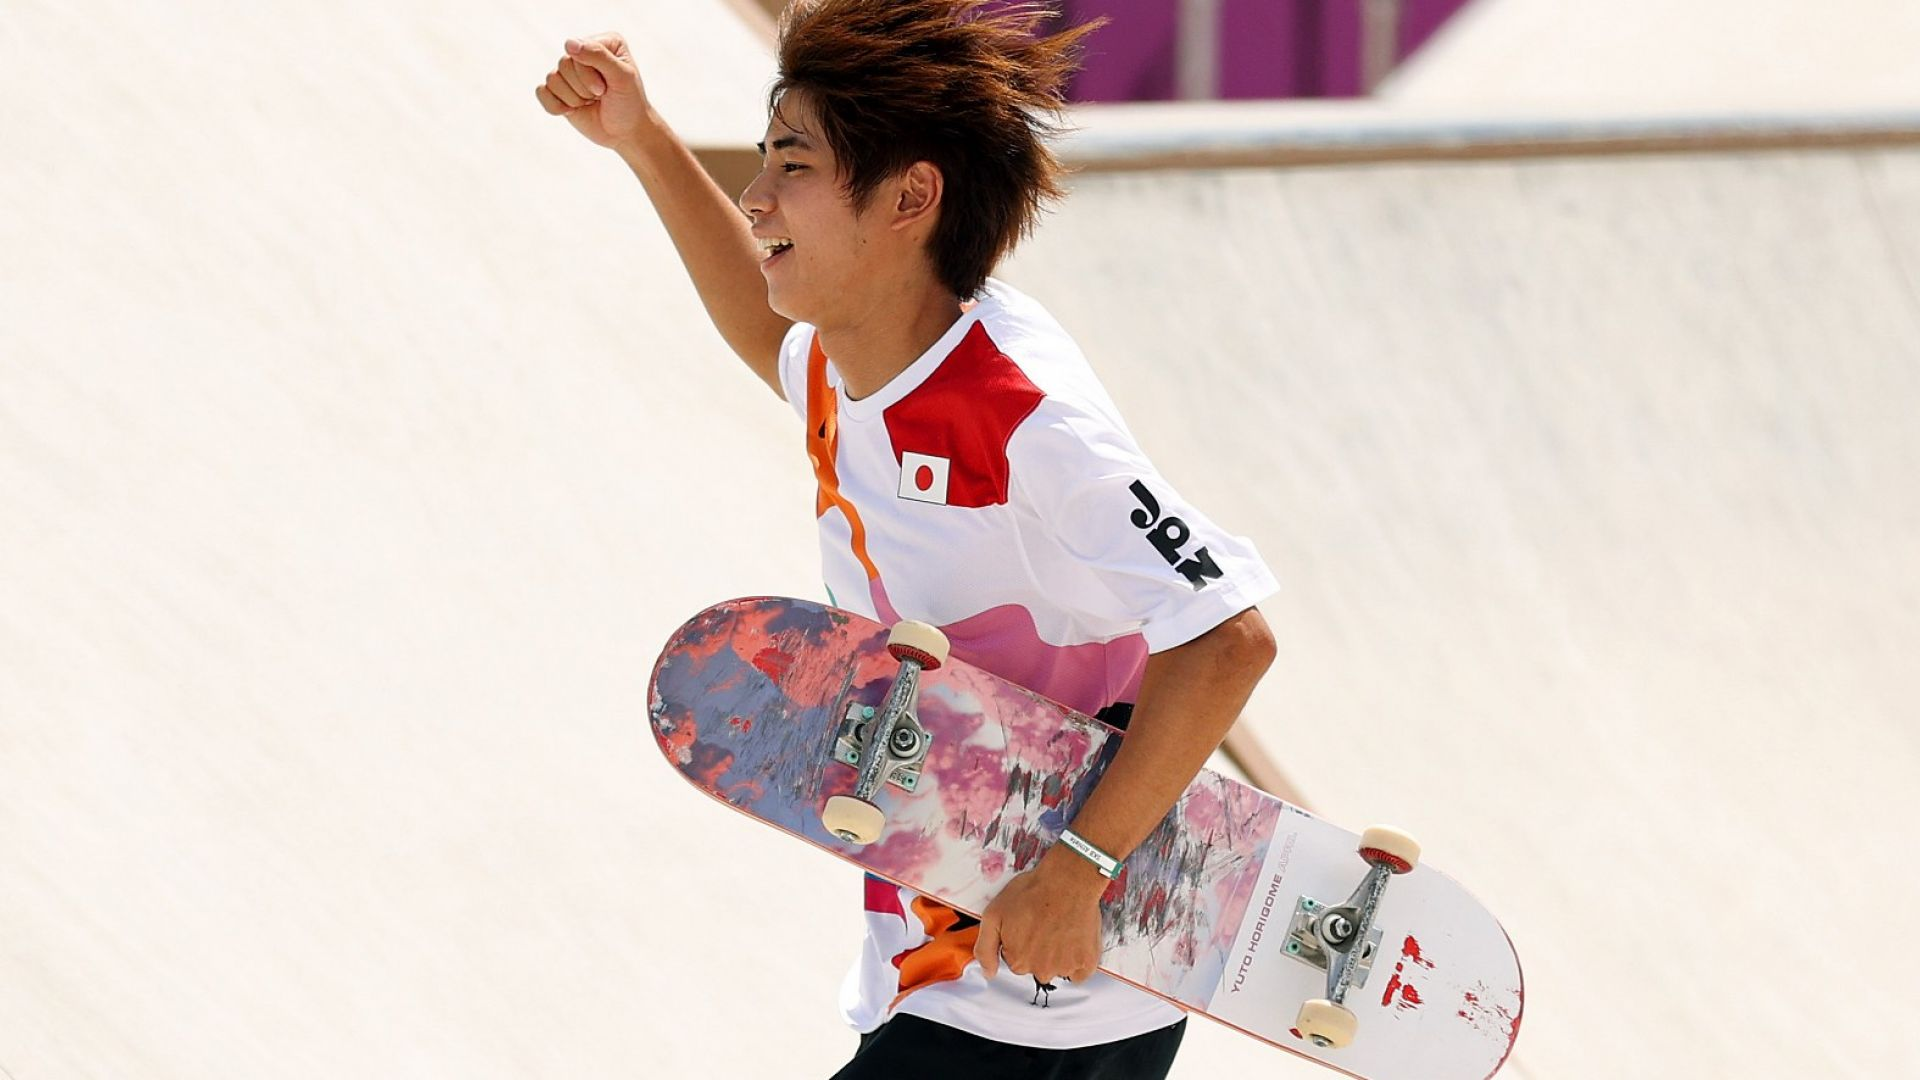 Японец е първият олимпийски шампион в скейтборда